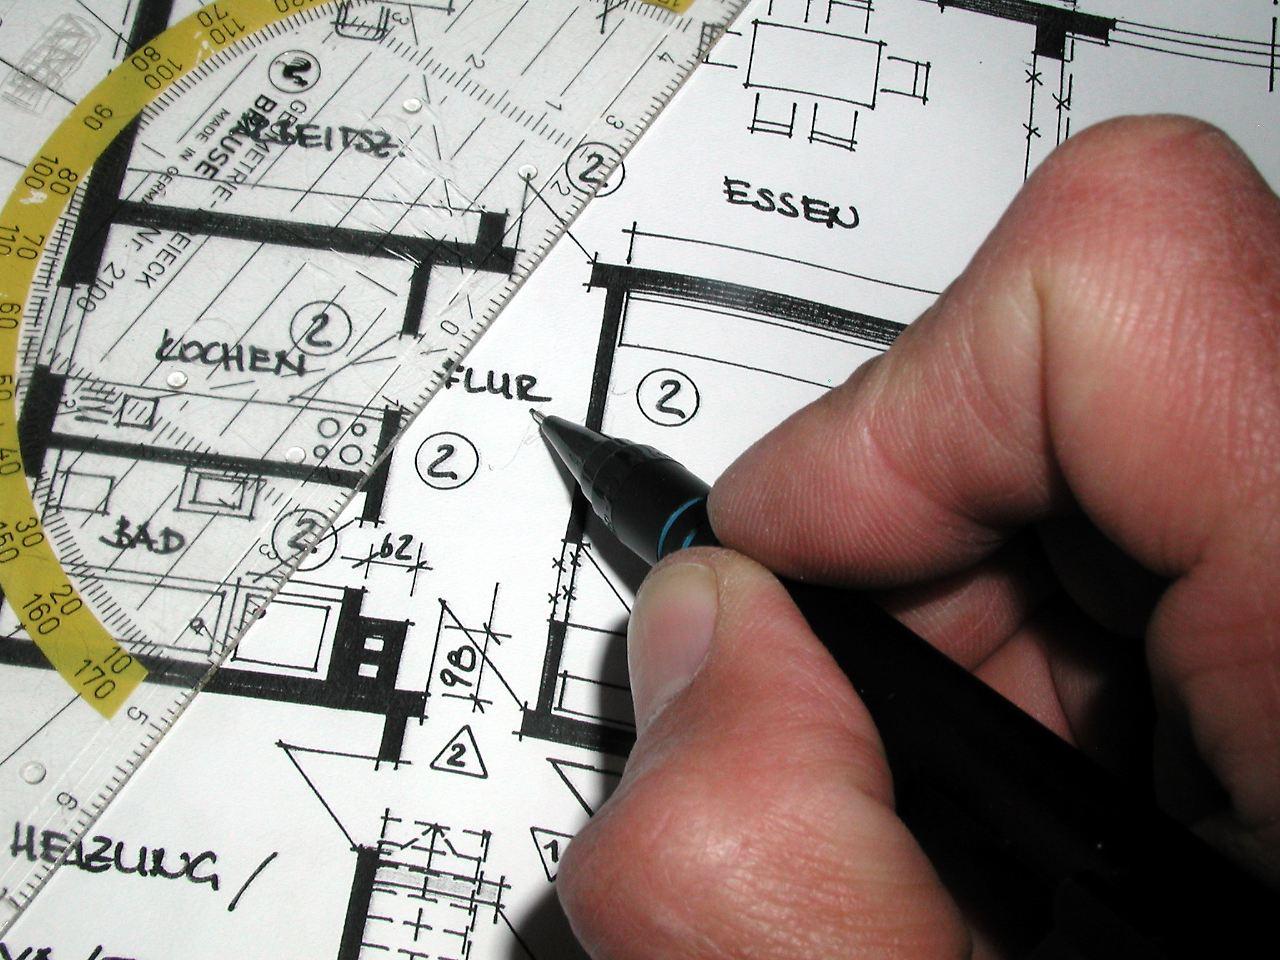 zu hohe fl chenangabe mieterh hung trotzdem rechtens n. Black Bedroom Furniture Sets. Home Design Ideas